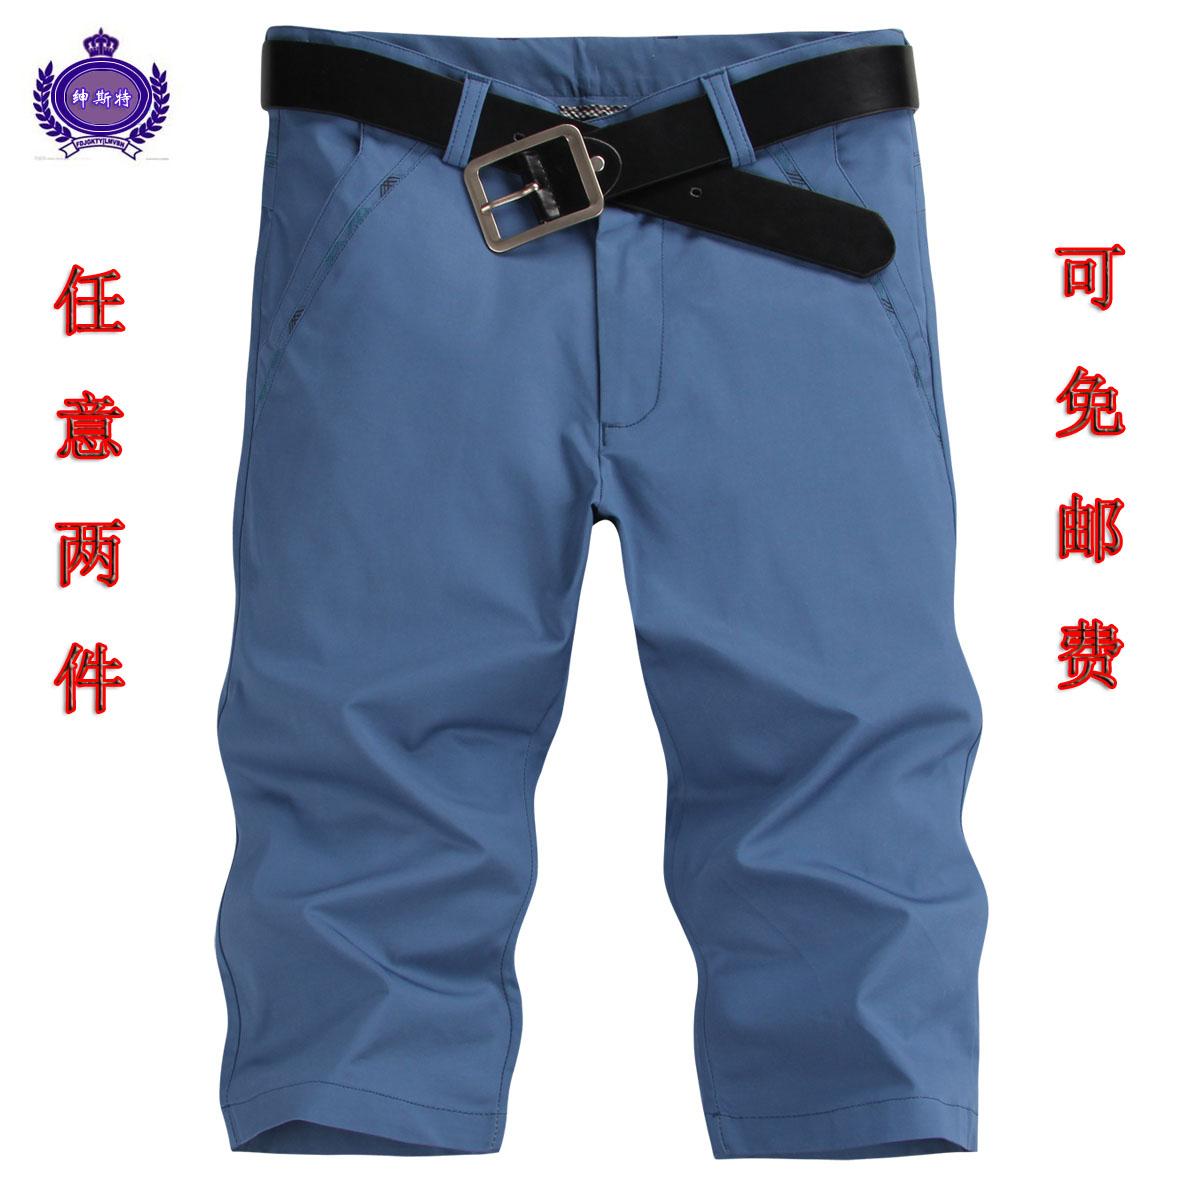 GUCCI 13夏装新款男式休闲纯色短款休闲裤男士直筒休闲短裤潮男装 价格:88.00